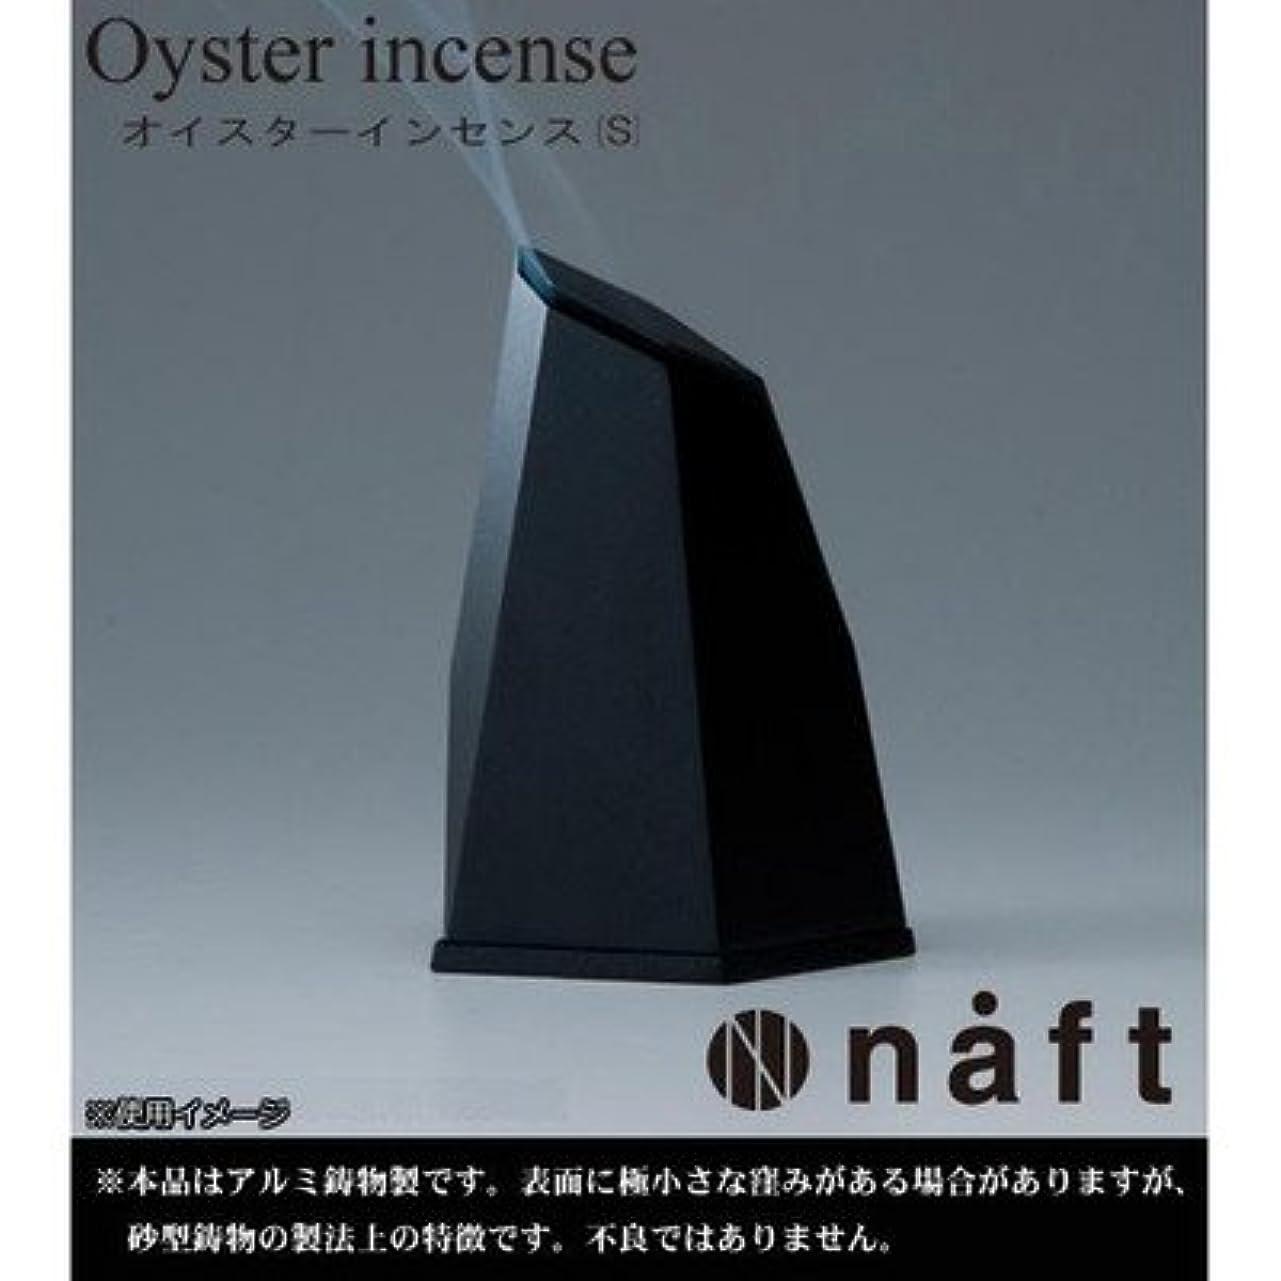 先生きつく最初シンプルだけどインパクトのあるフォルム naft Oyster incense オイスターインセンス 香炉 Sサイズ ブラック